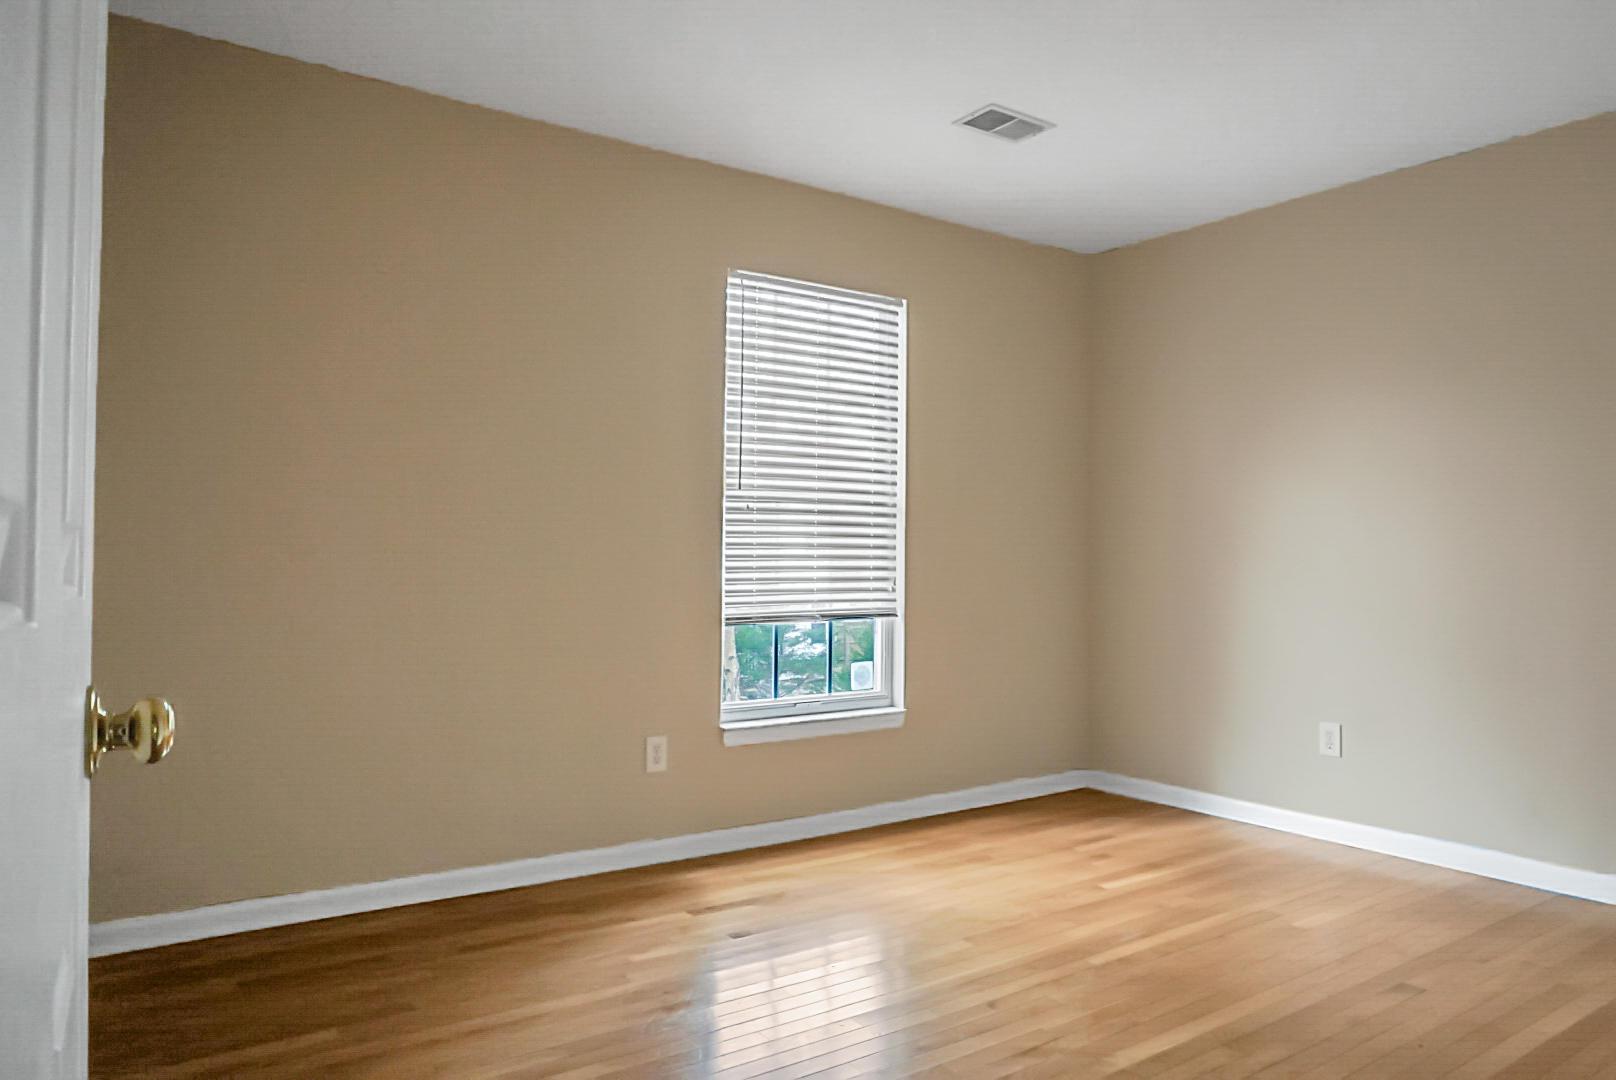 Dunes West Homes For Sale - 3209 Carmel Bay, Mount Pleasant, SC - 8